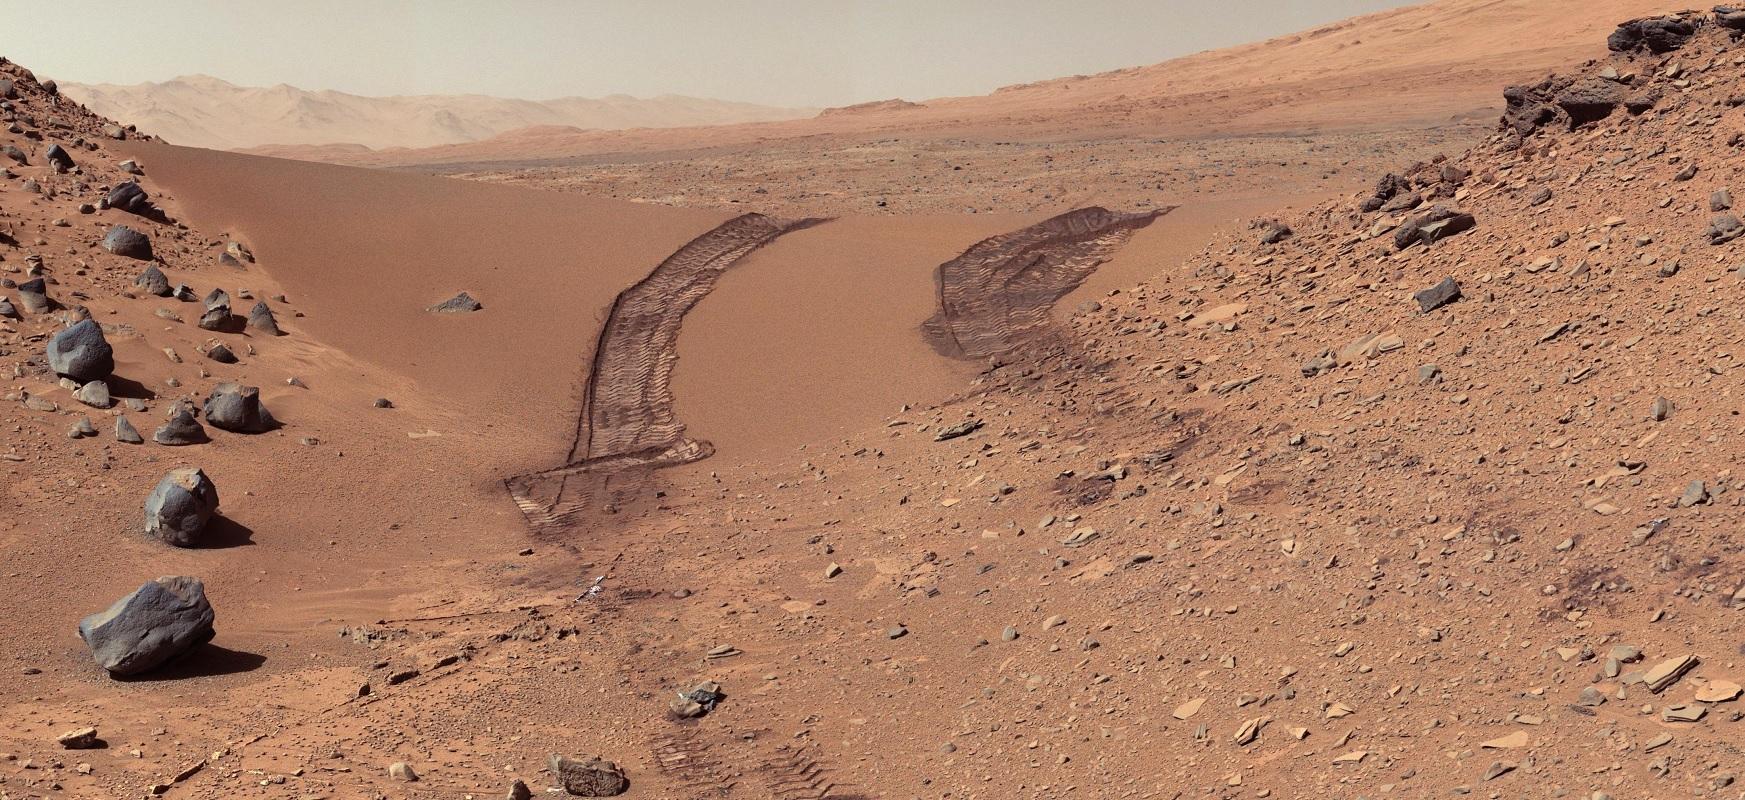 Man on Mars-k dena hil nahi du.  Laba kobazuloak seguru egon daitezke marsonautarako